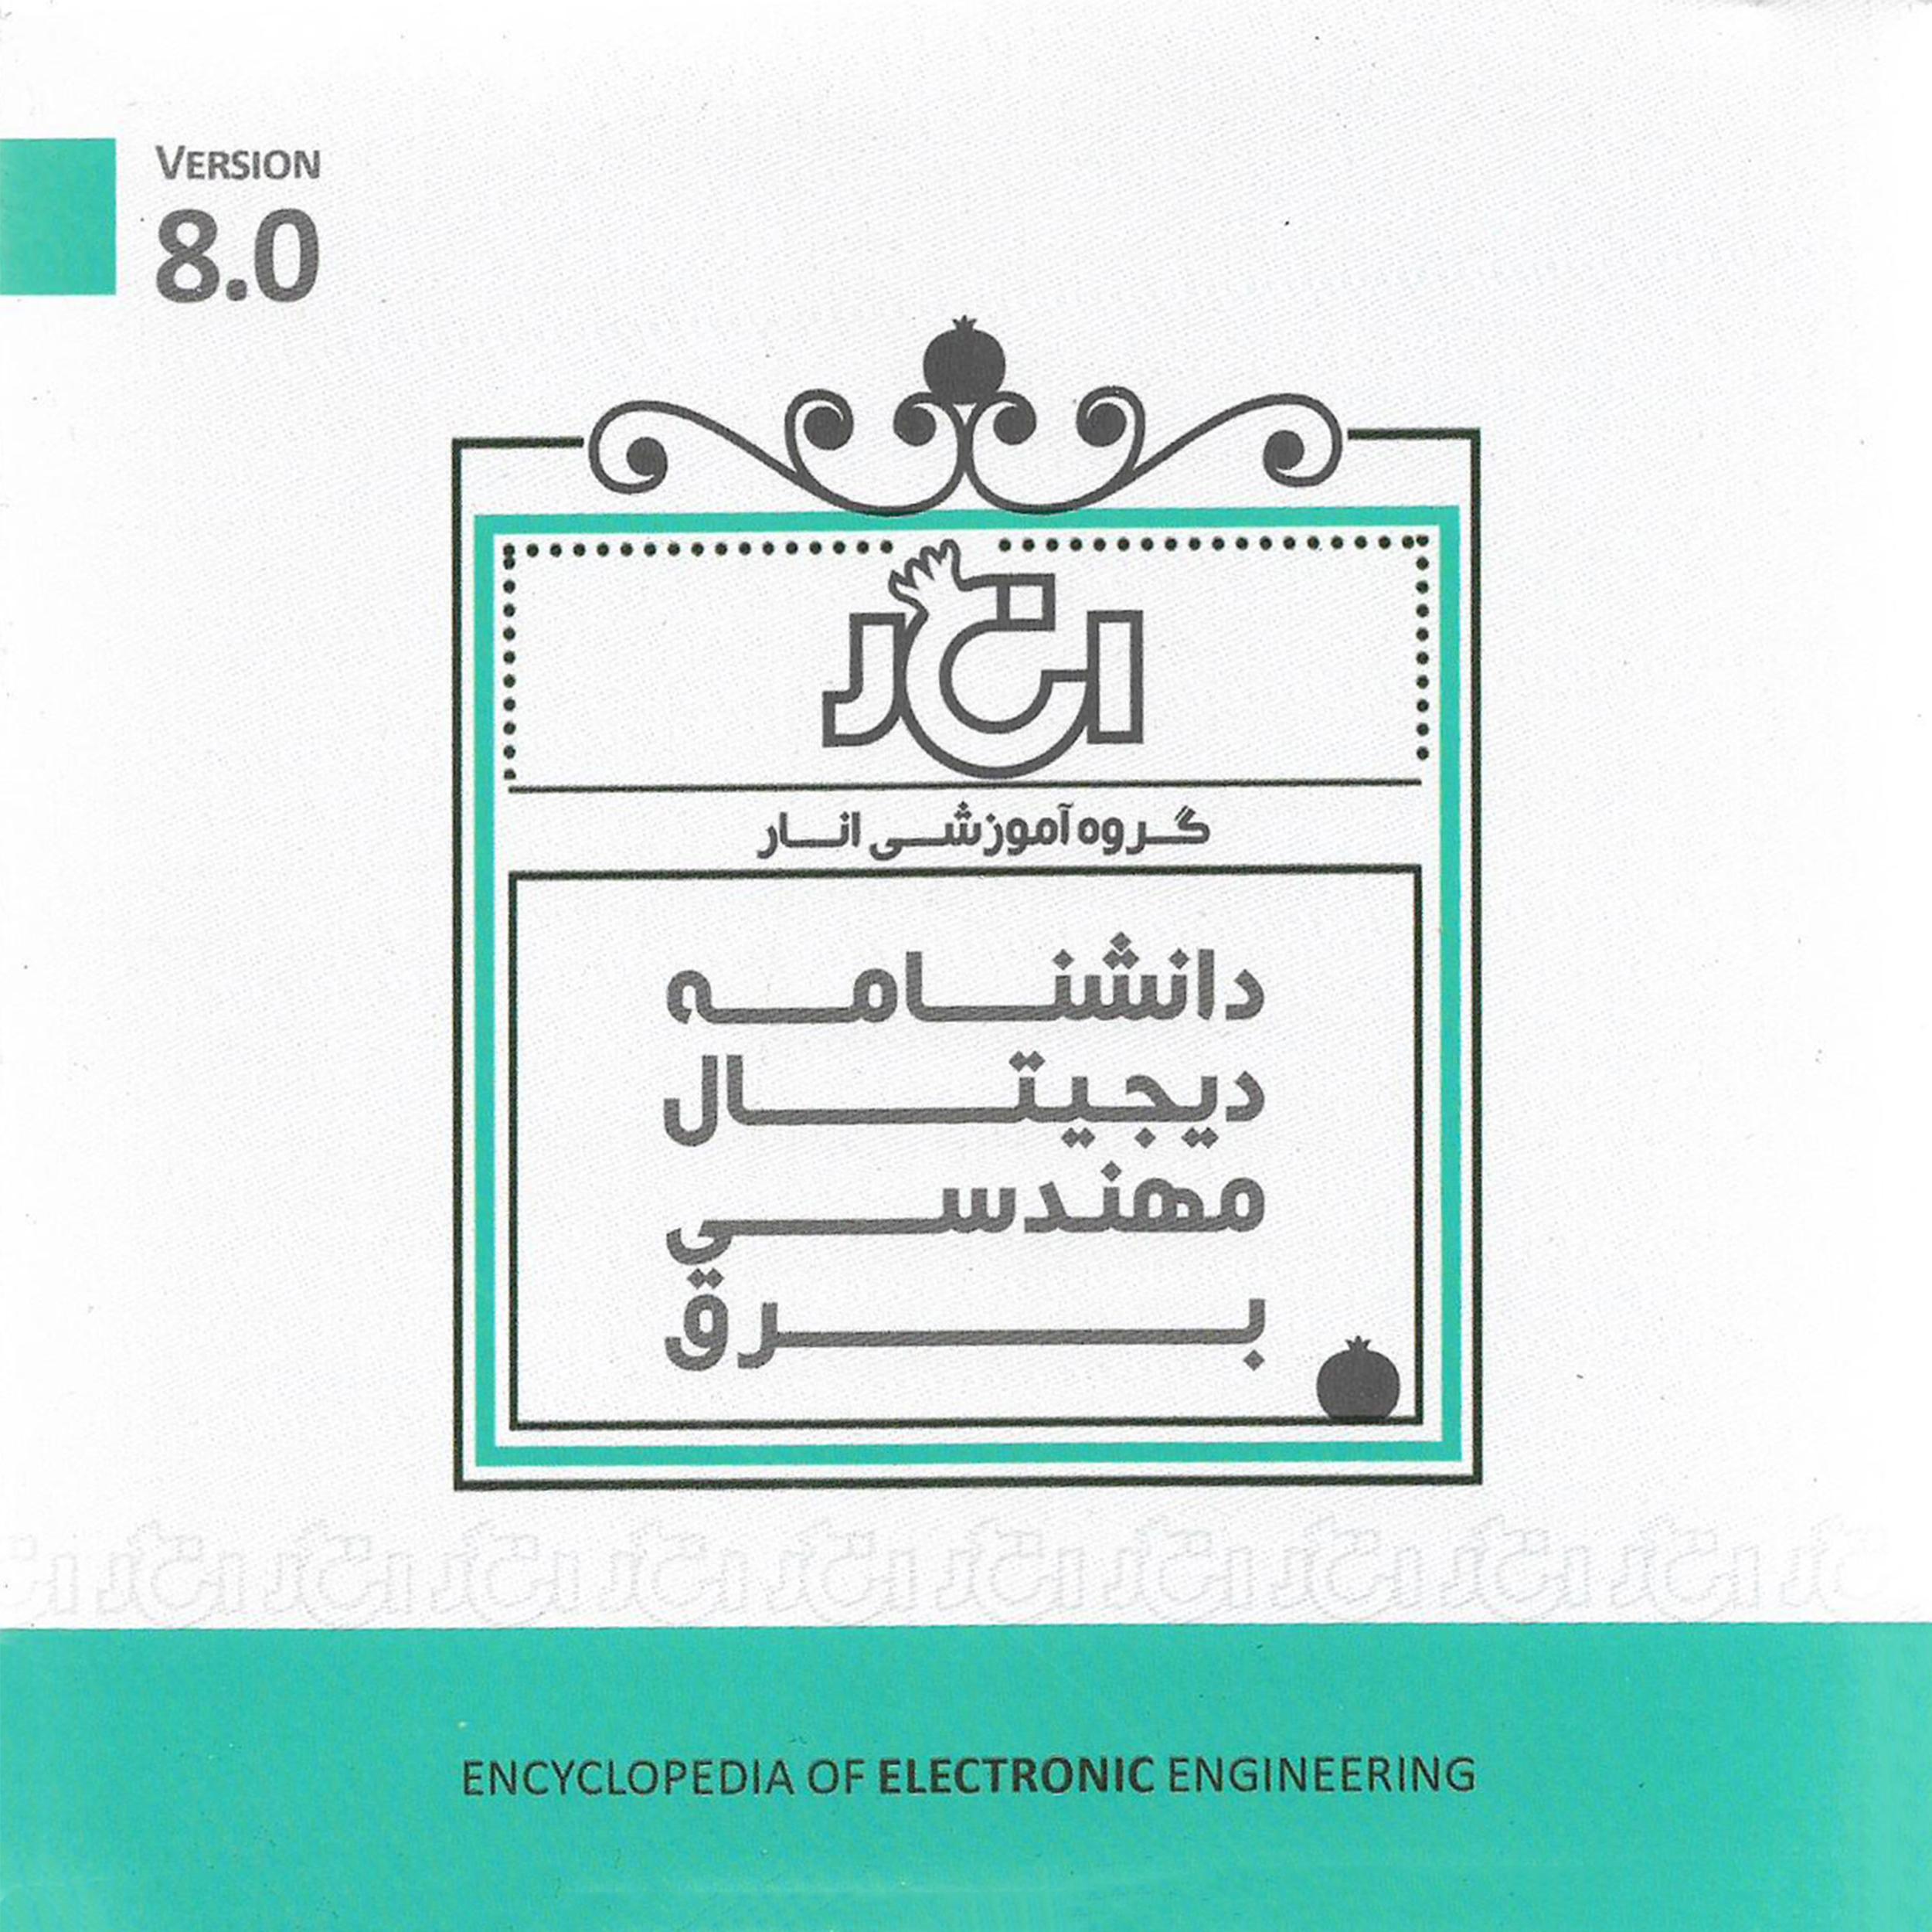 کتاب الکترونیک دانشنامه دیجیتال مهندسی برق نشر گروه آموزشی انار